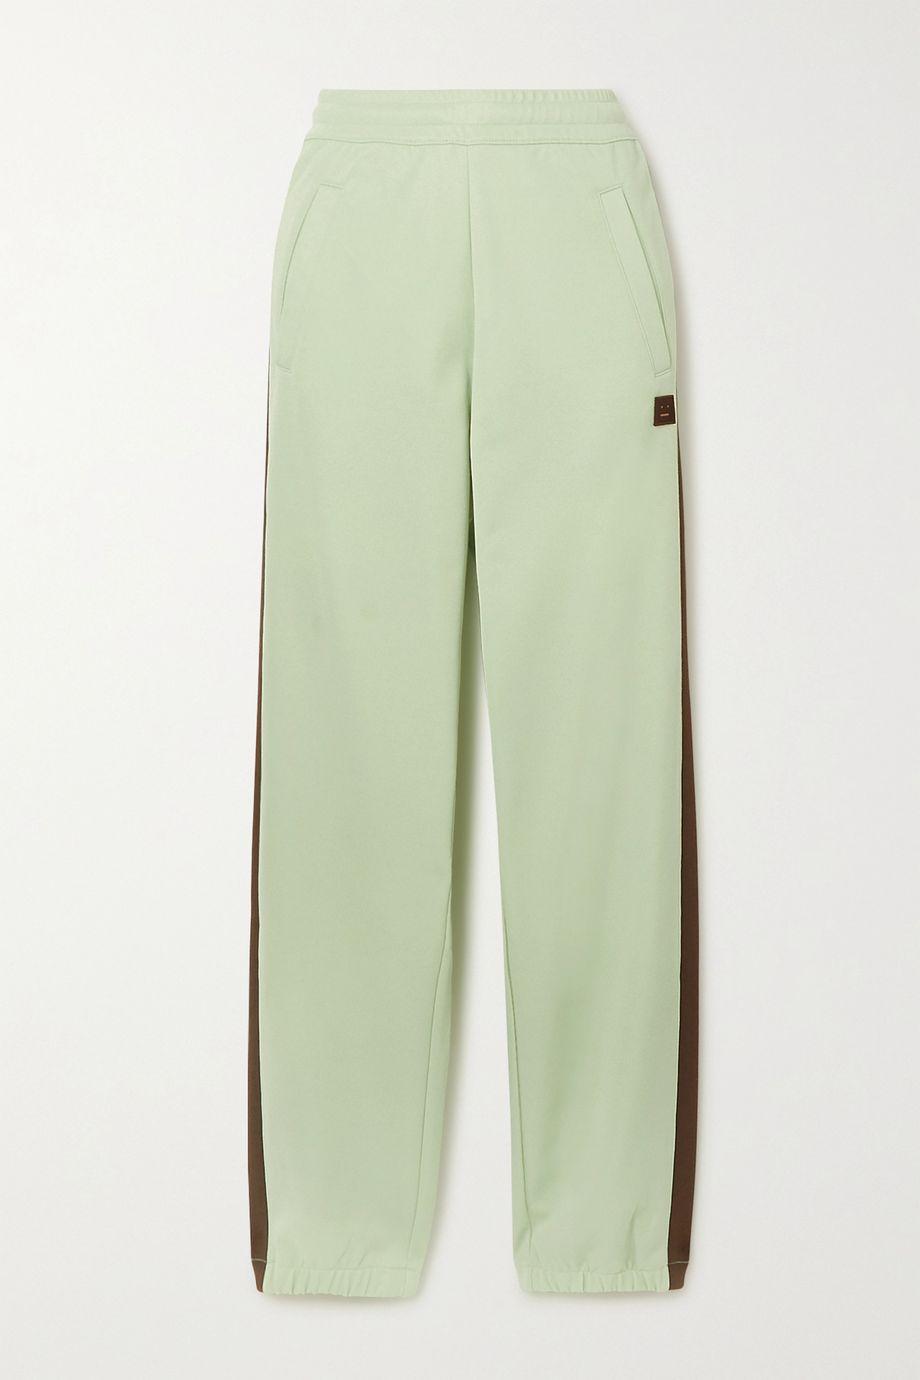 아크네 스튜디오 '페이스' 트레이닝 팬츠 - 민트 Acne Studios Jersey track pants,Mint